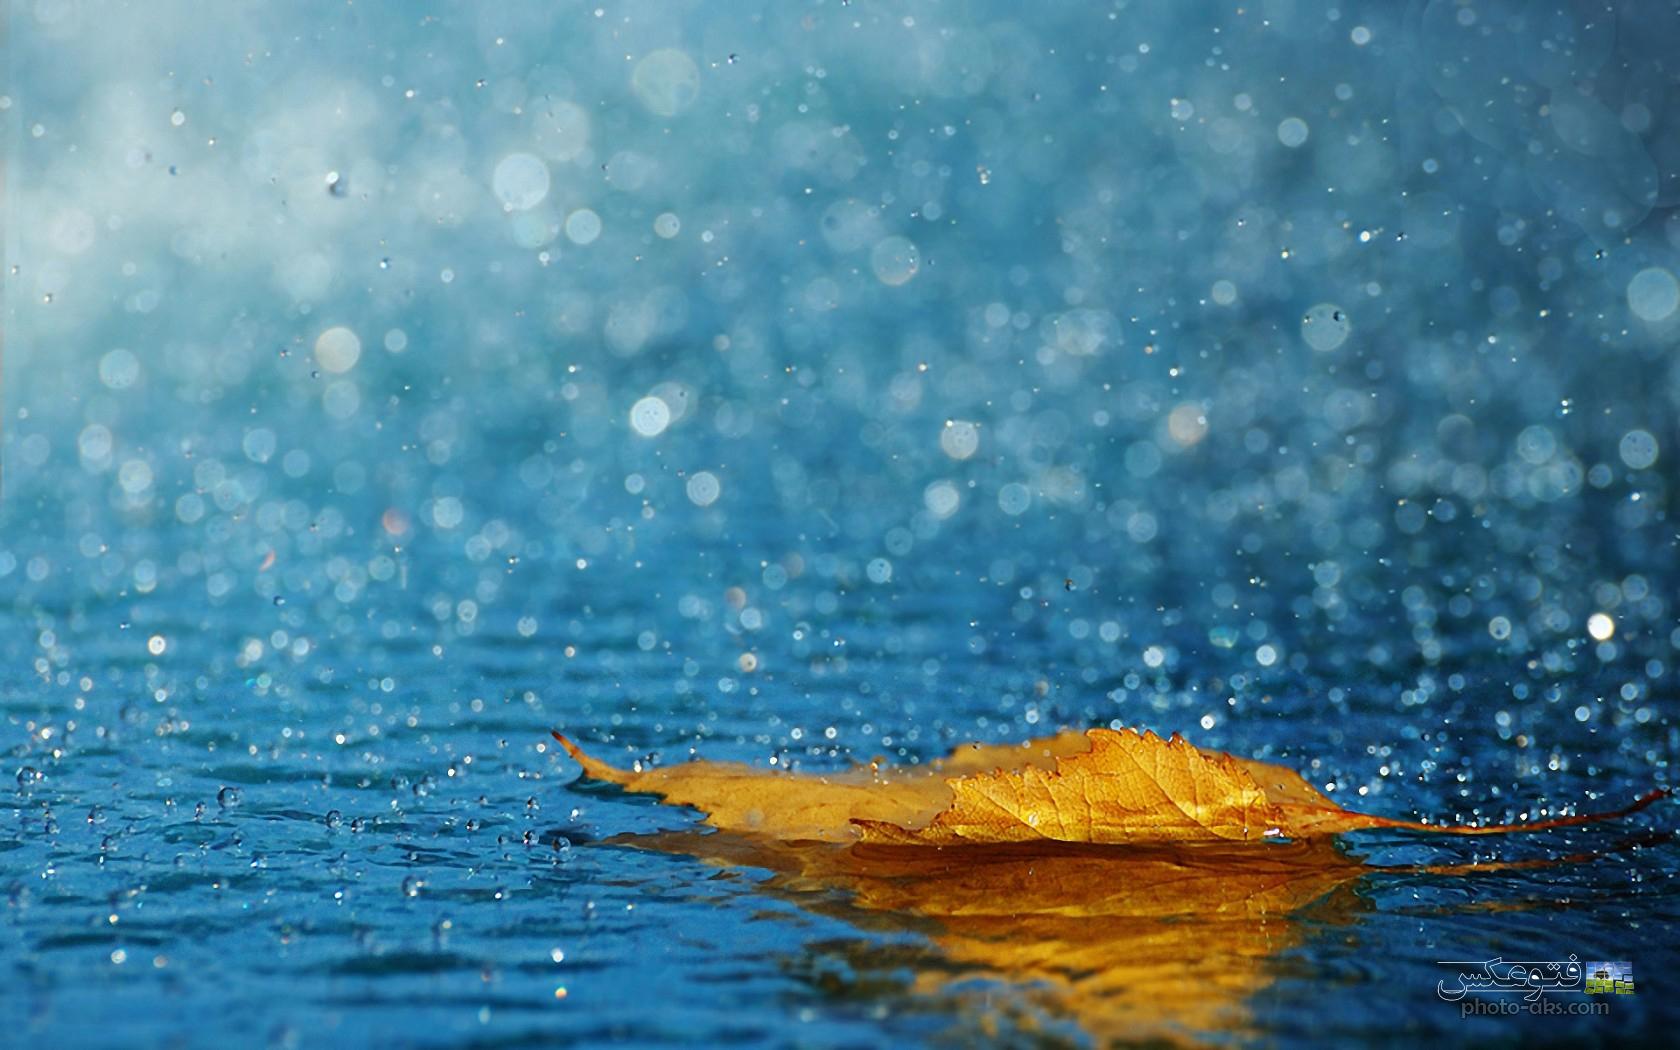 مقاله ای کامل در مورد باران اسیدی